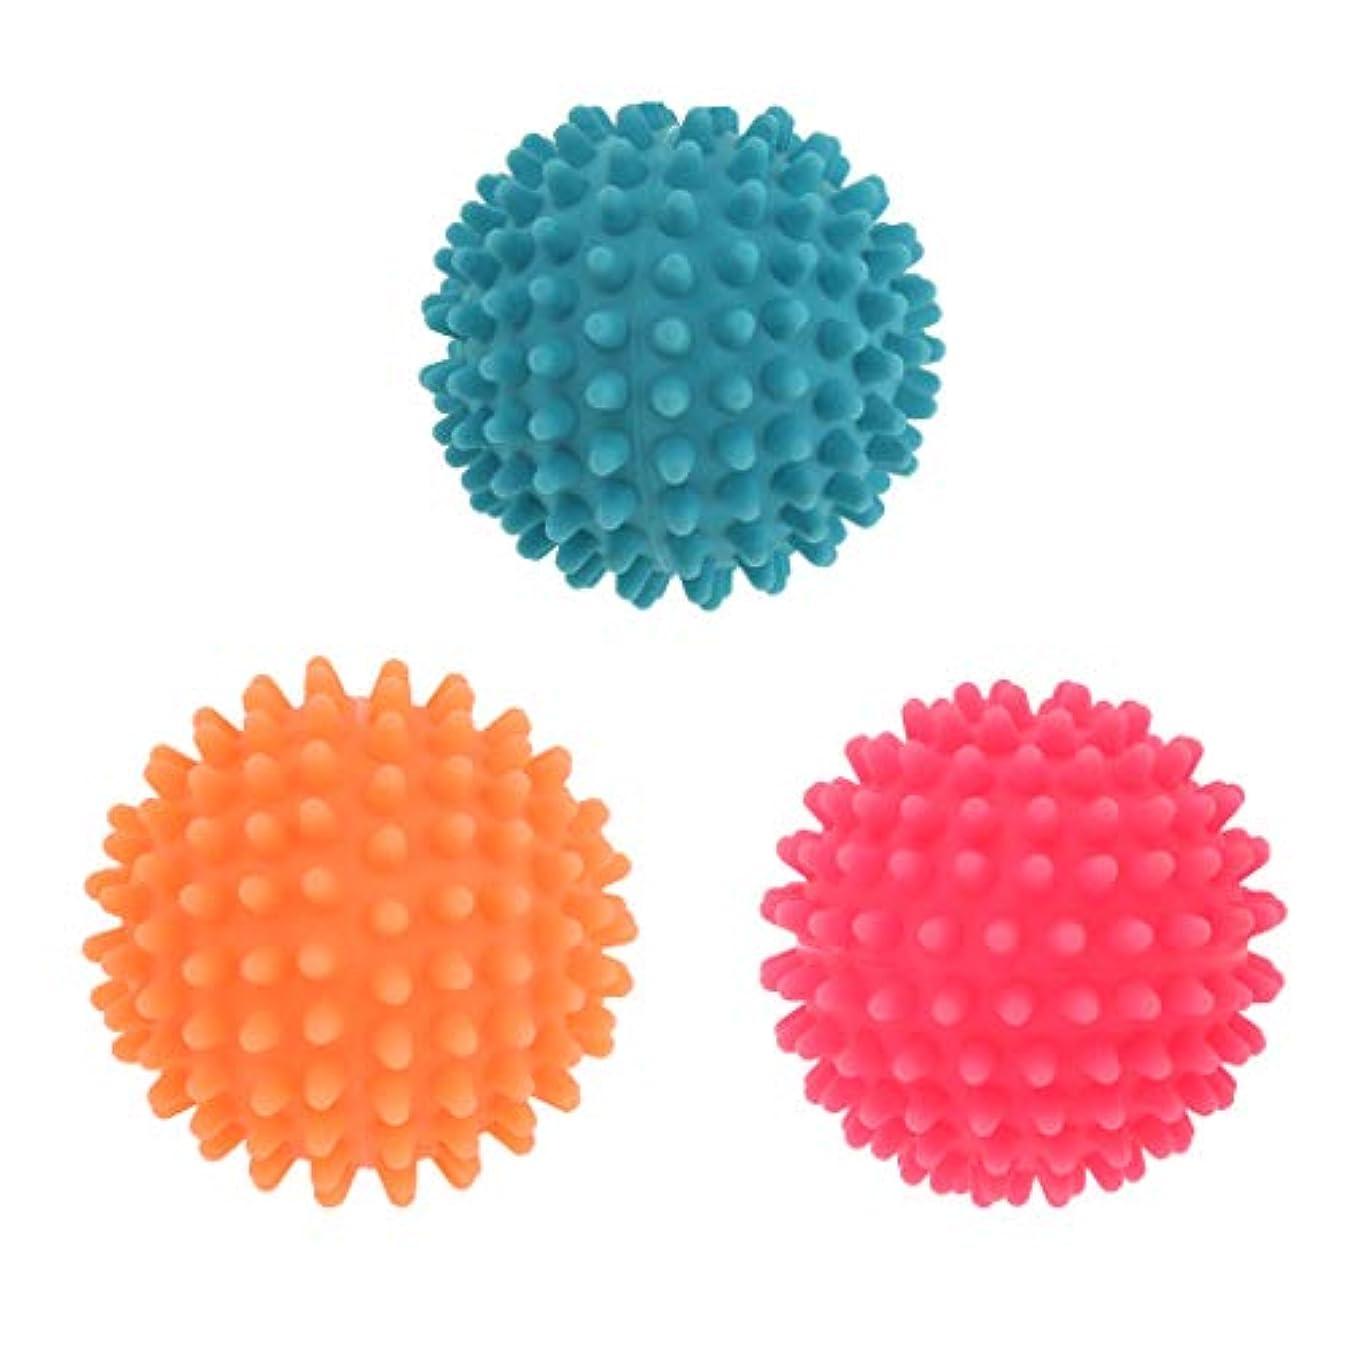 同意する断線杭FLAMEER 3個 マッサージボール ヨガボール 触覚ボール ツボ押しグッズ 直径7cm